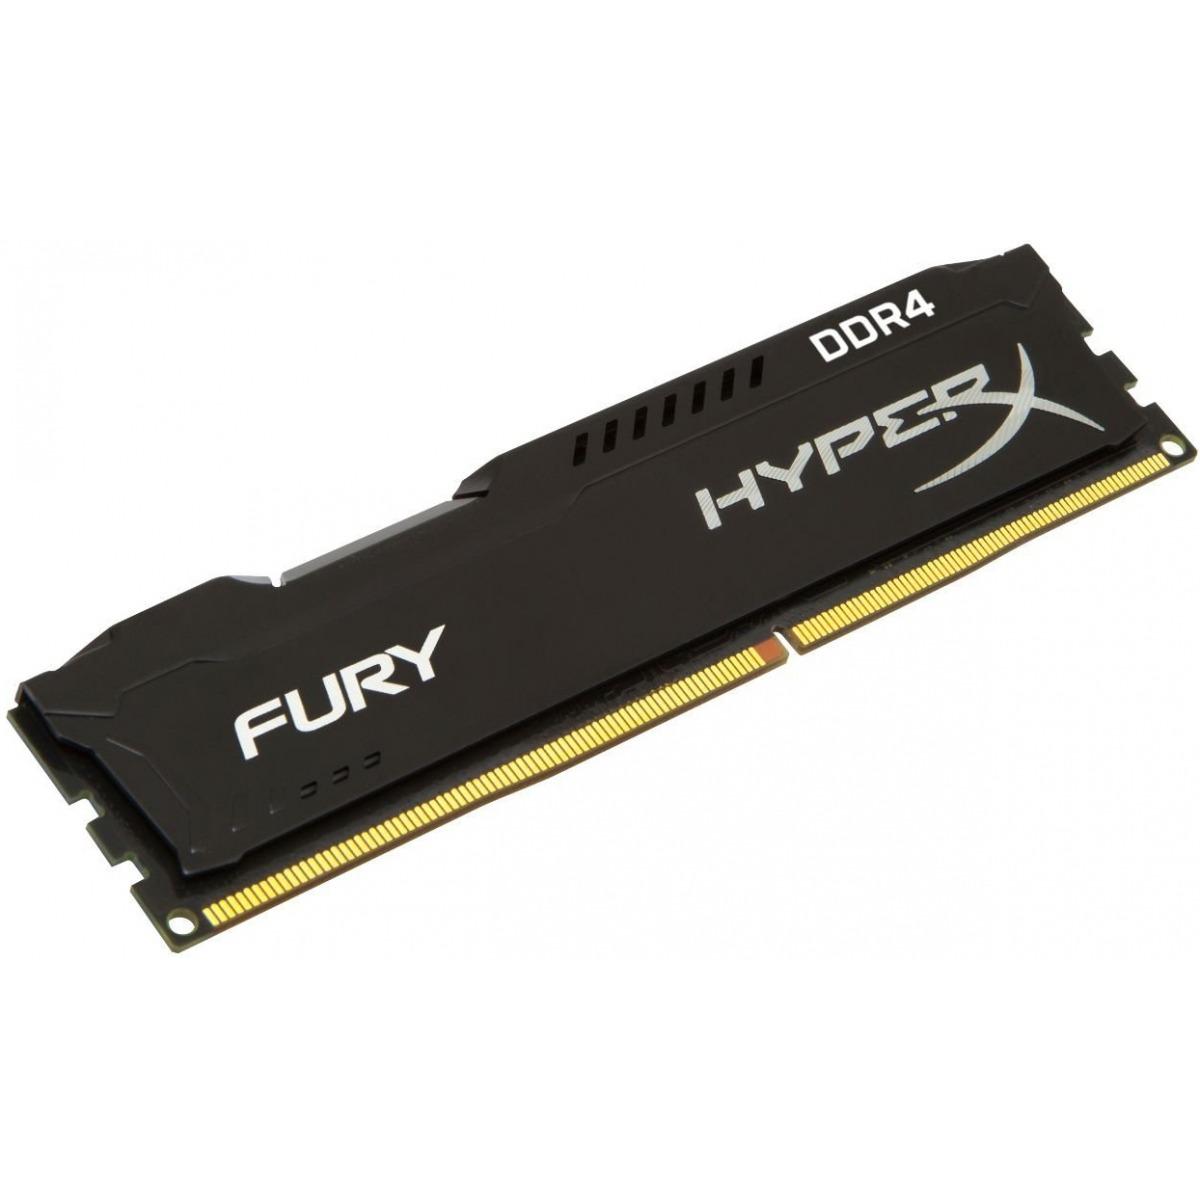 Memoria DDR4 16GB 2666Mhz Kingston HyperX Fury Black HX426C16FB4/16  - TNTinfo Loja